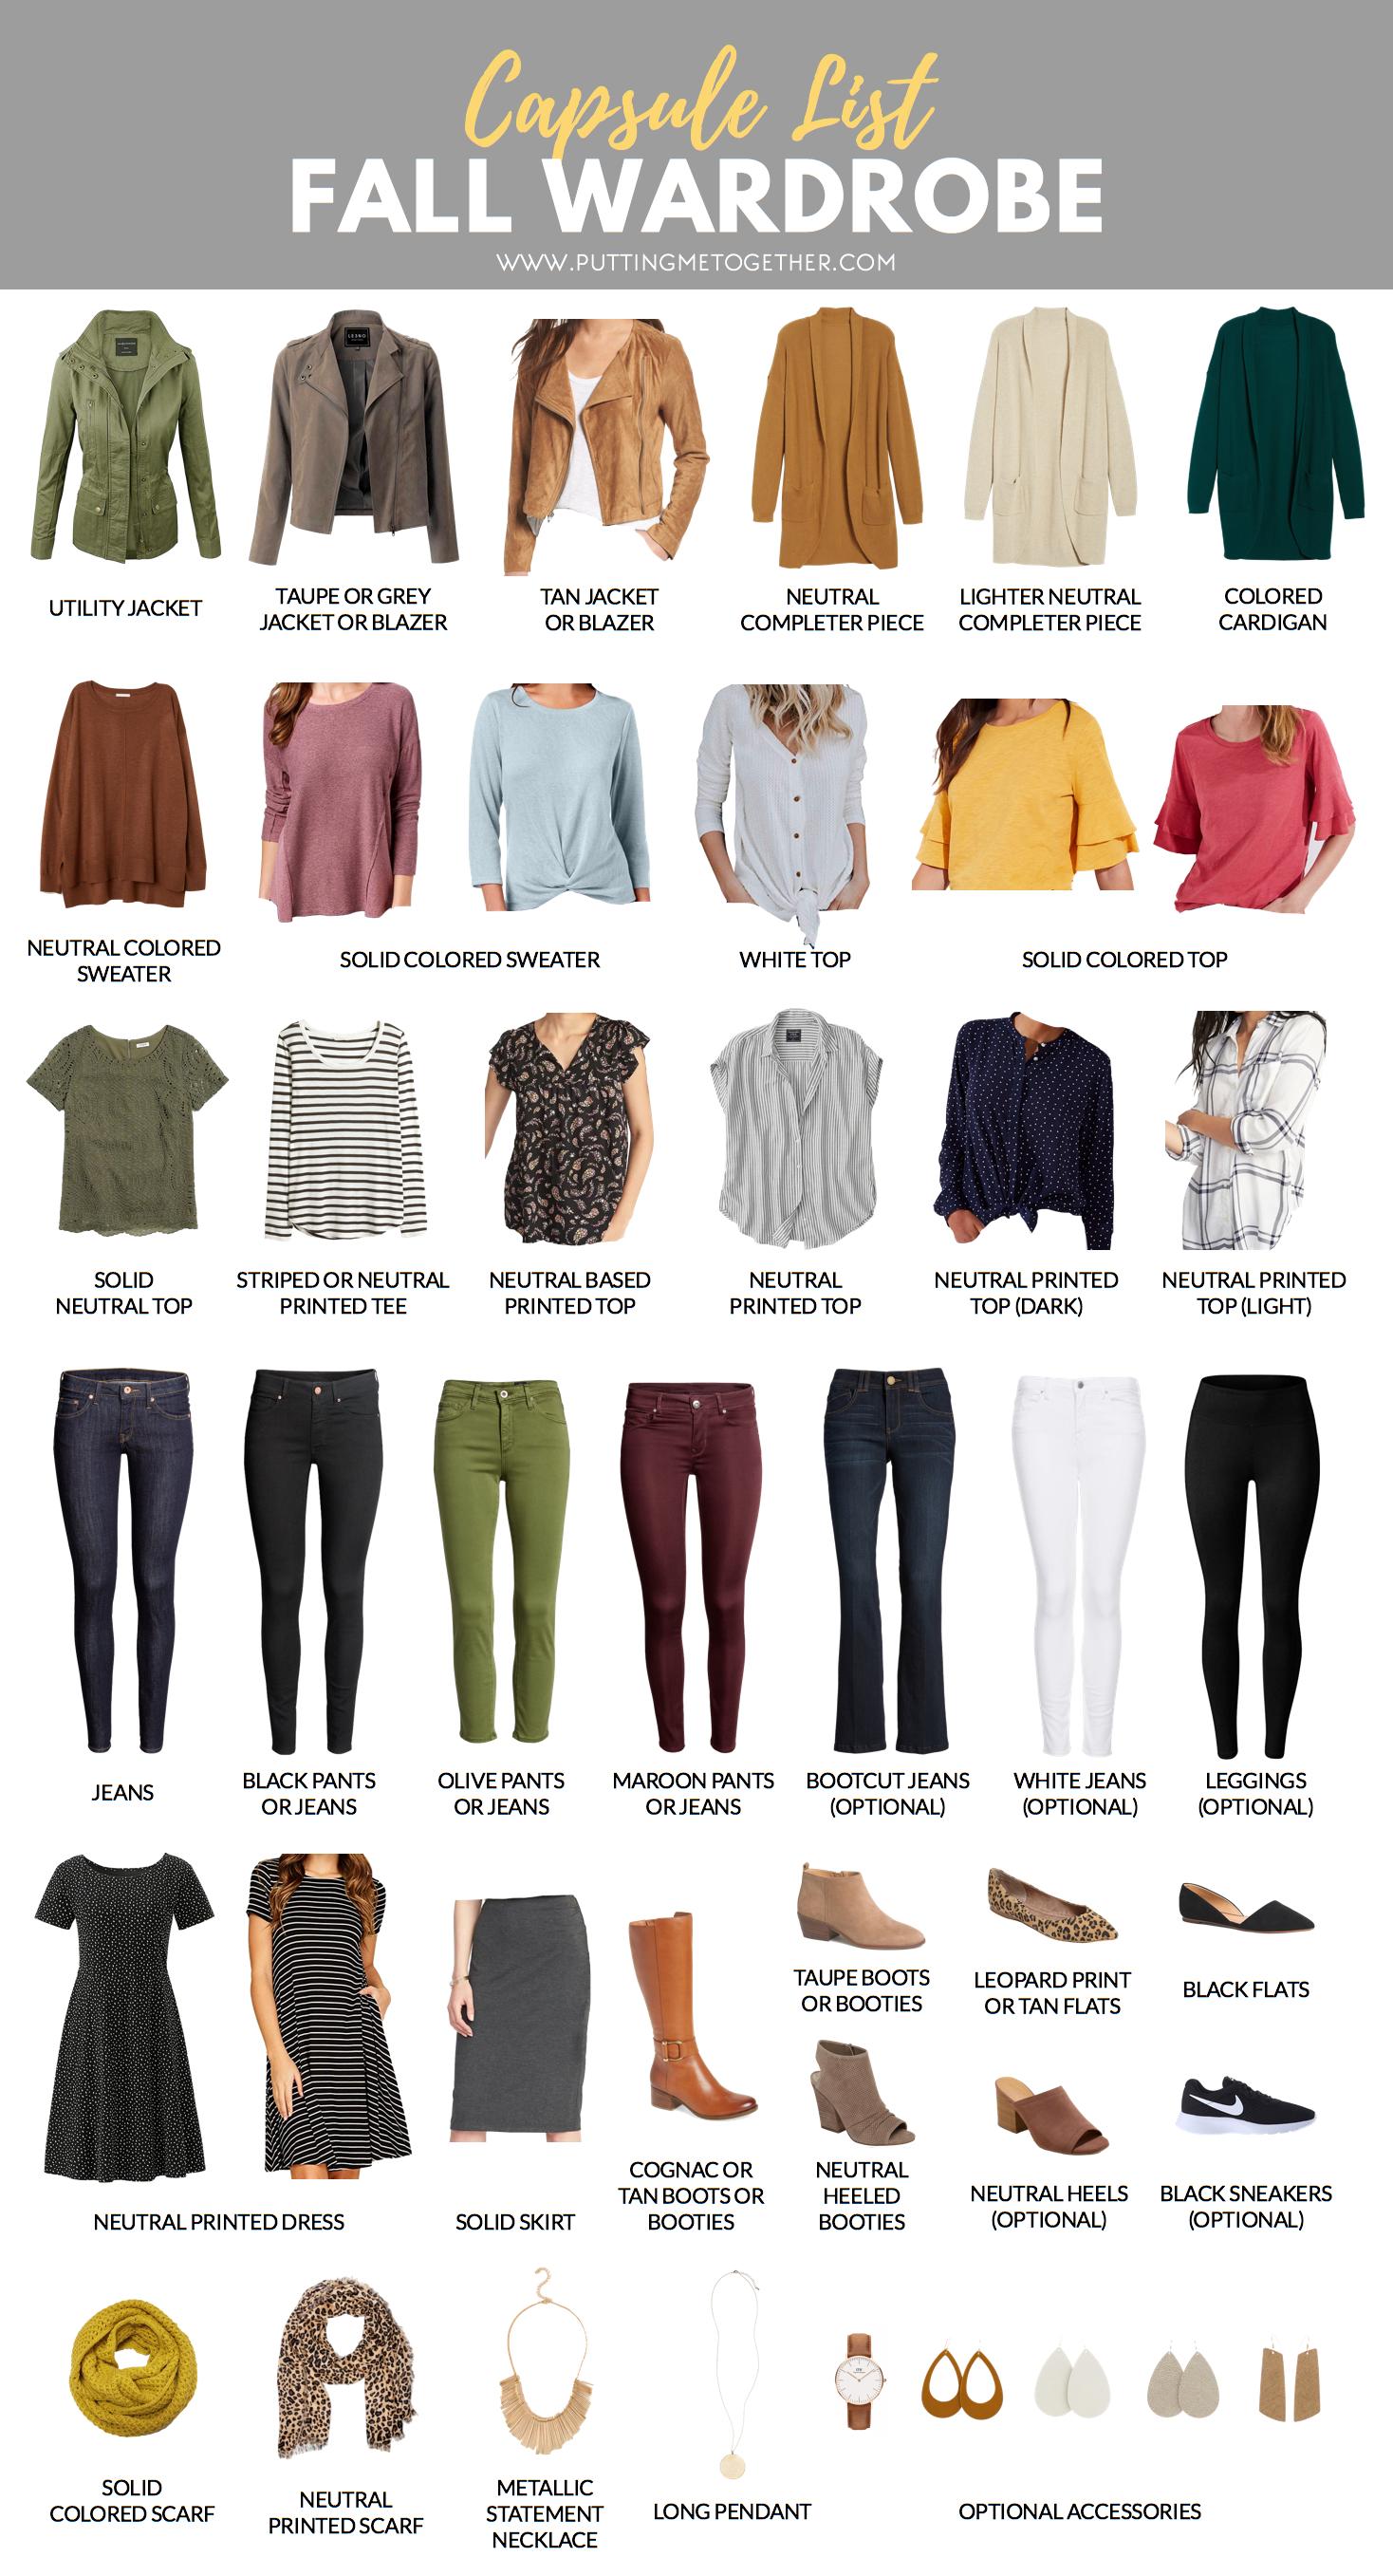 Herbstkapsel-Garderobe für die PMT Herbst 2018 Challenge! Hier ist die Herbstkapsel , ür